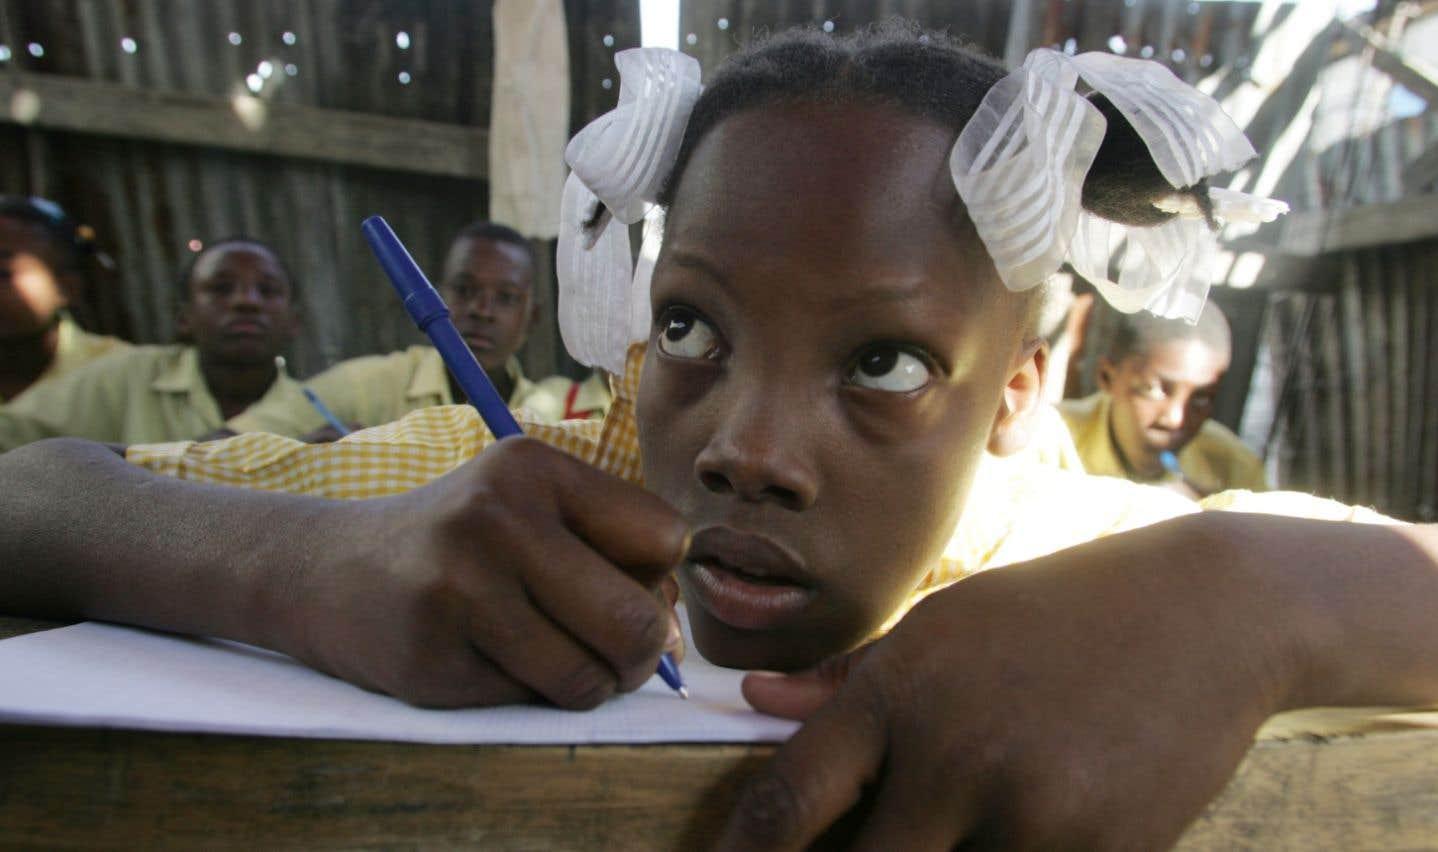 L'éducation est l'un des champs d'intervention de la FODES-5, une organisation haïtienne privée philanthropique, laïque et apolitique.